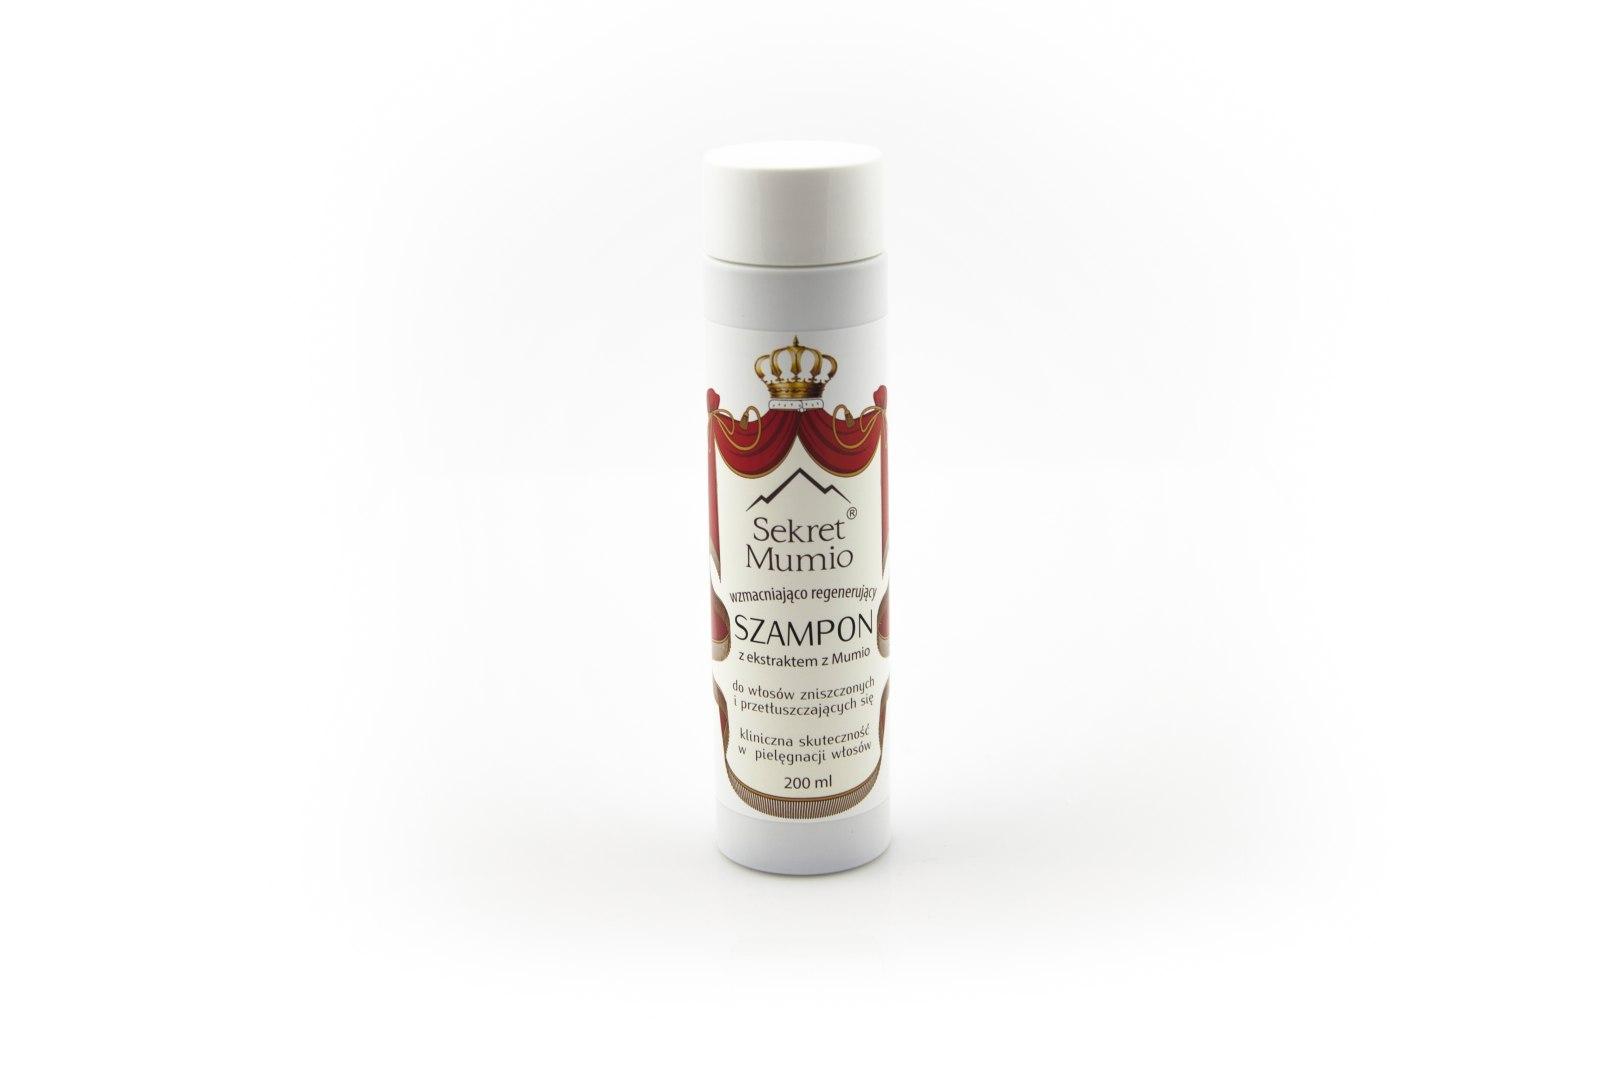 szampon mumio, 200ml